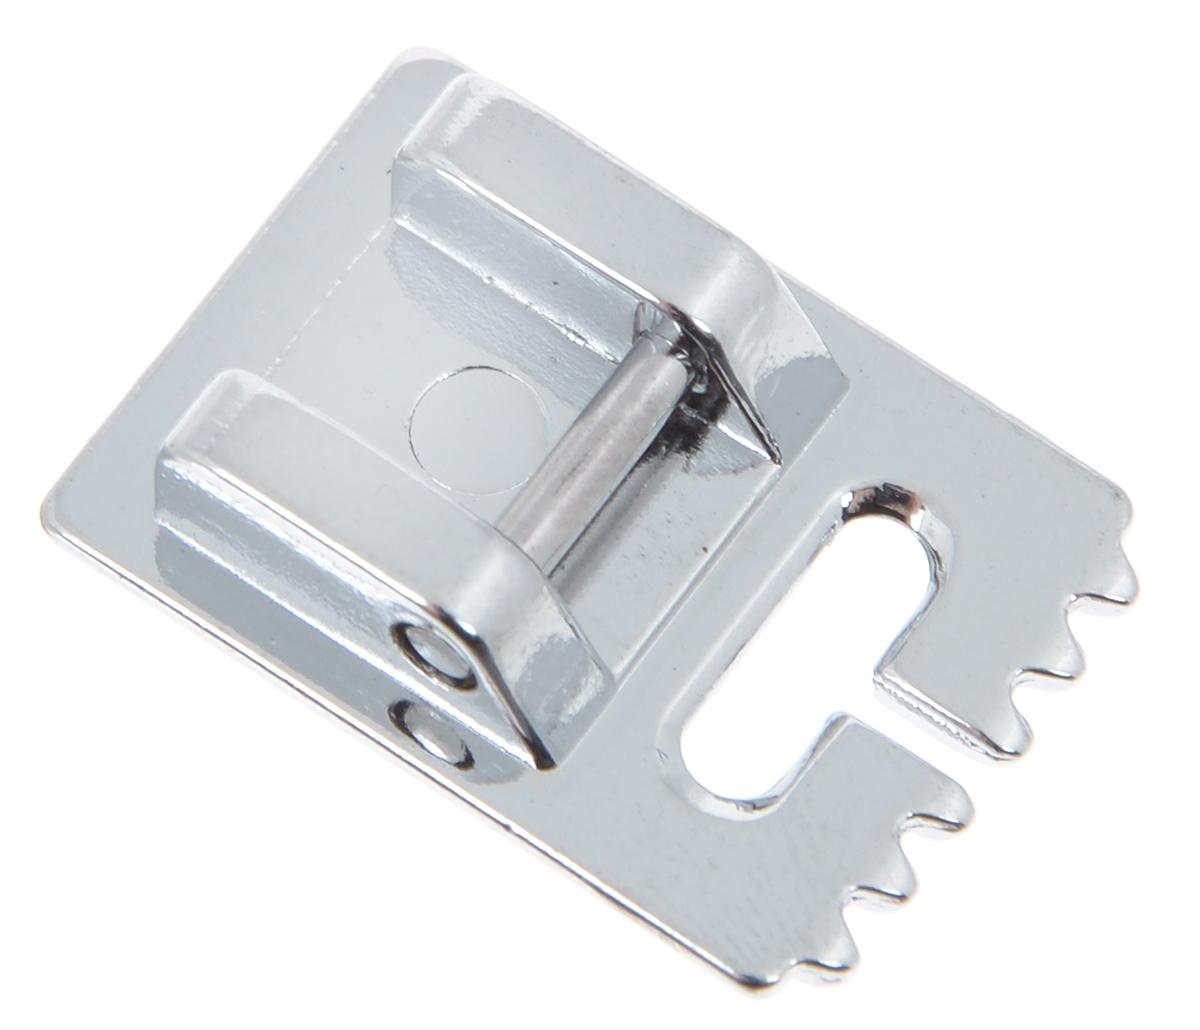 Лапка для швейной машины Aurora, для защиповFTH 70Лапка для швейной машины Aurora в сочетании с двойной иглой позволит прошить параллельные защипы на изделиях. Их также можно комбинировать с декоративными строчками. Подходит для большинства современных бытовых швейных машин. Инструкция по использованию прилагается.